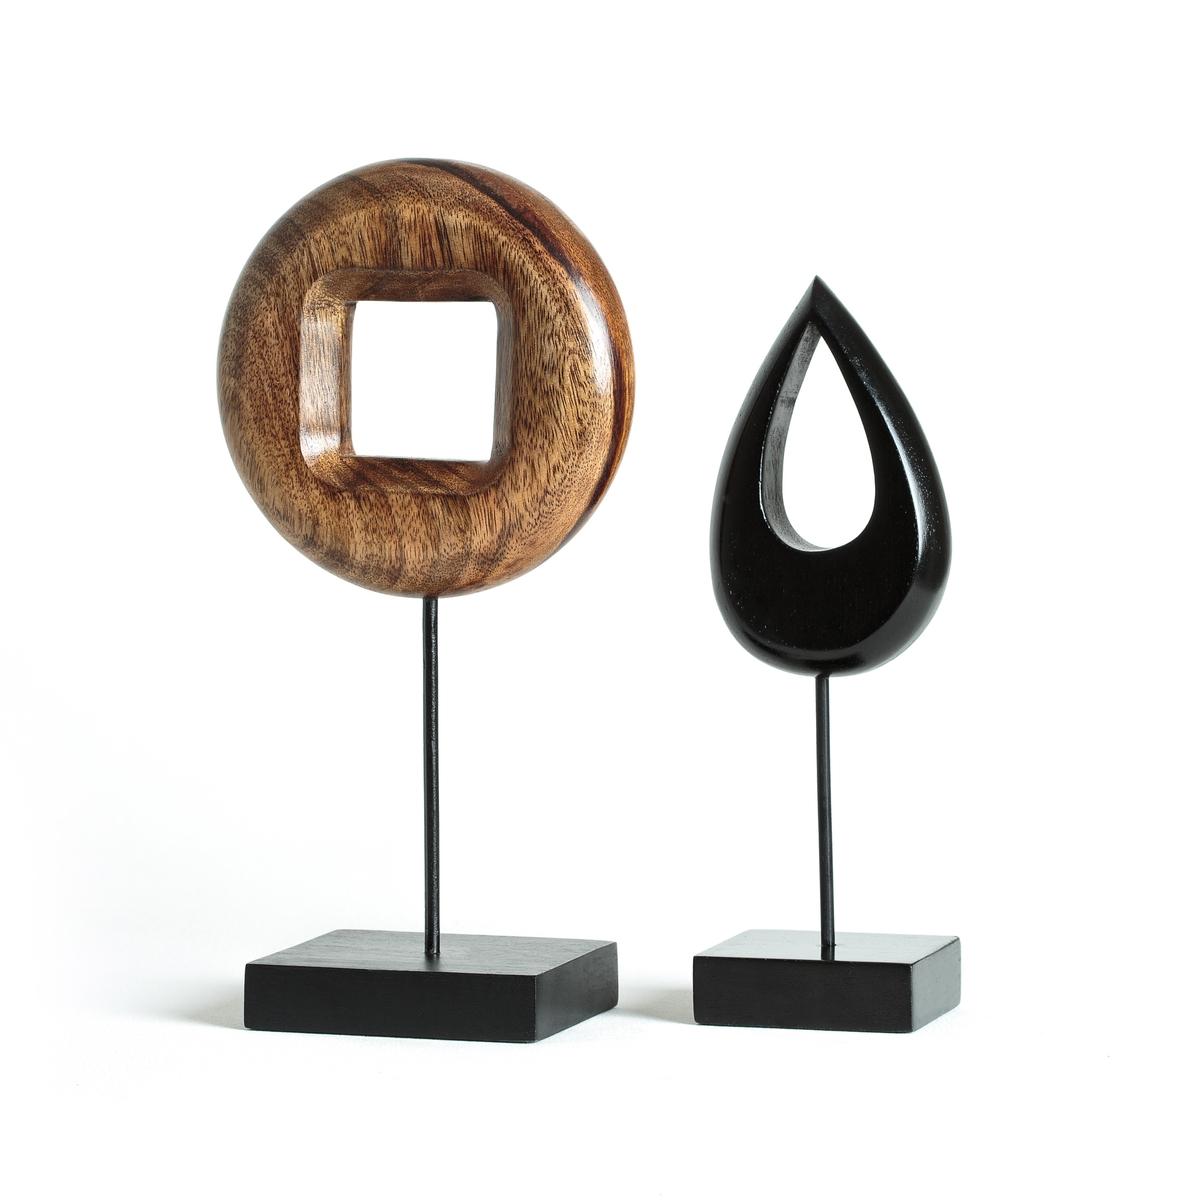 2 предмета декора в африканском стиле, Nyala